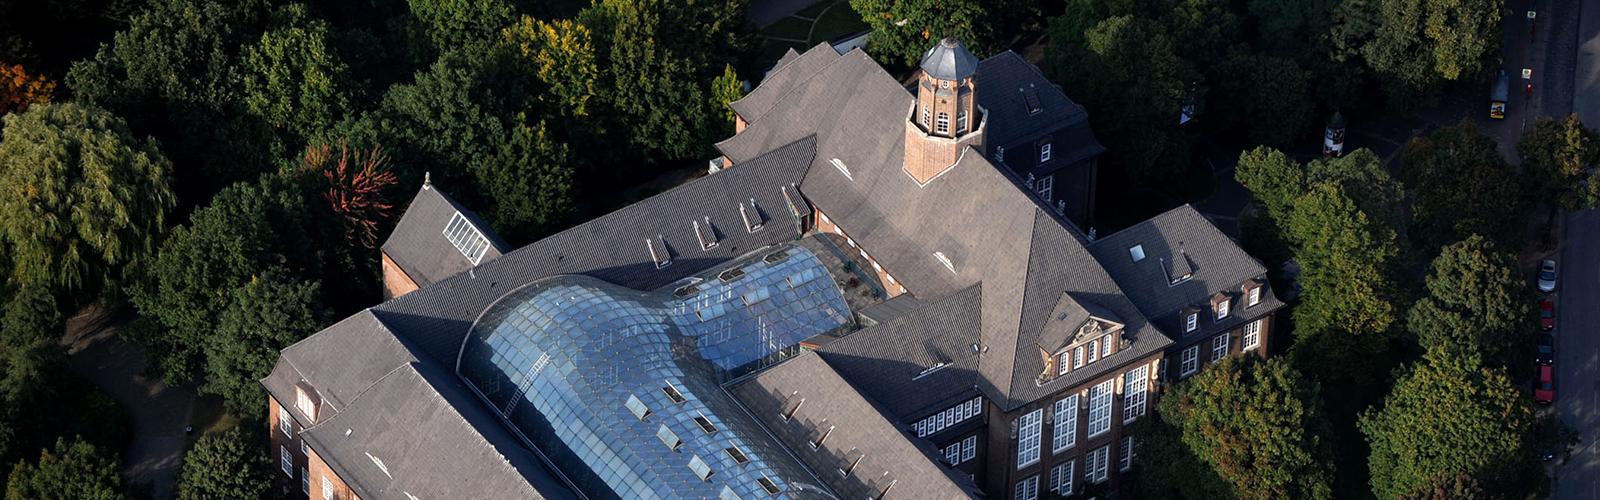 oestreicher locations   hamburg museum